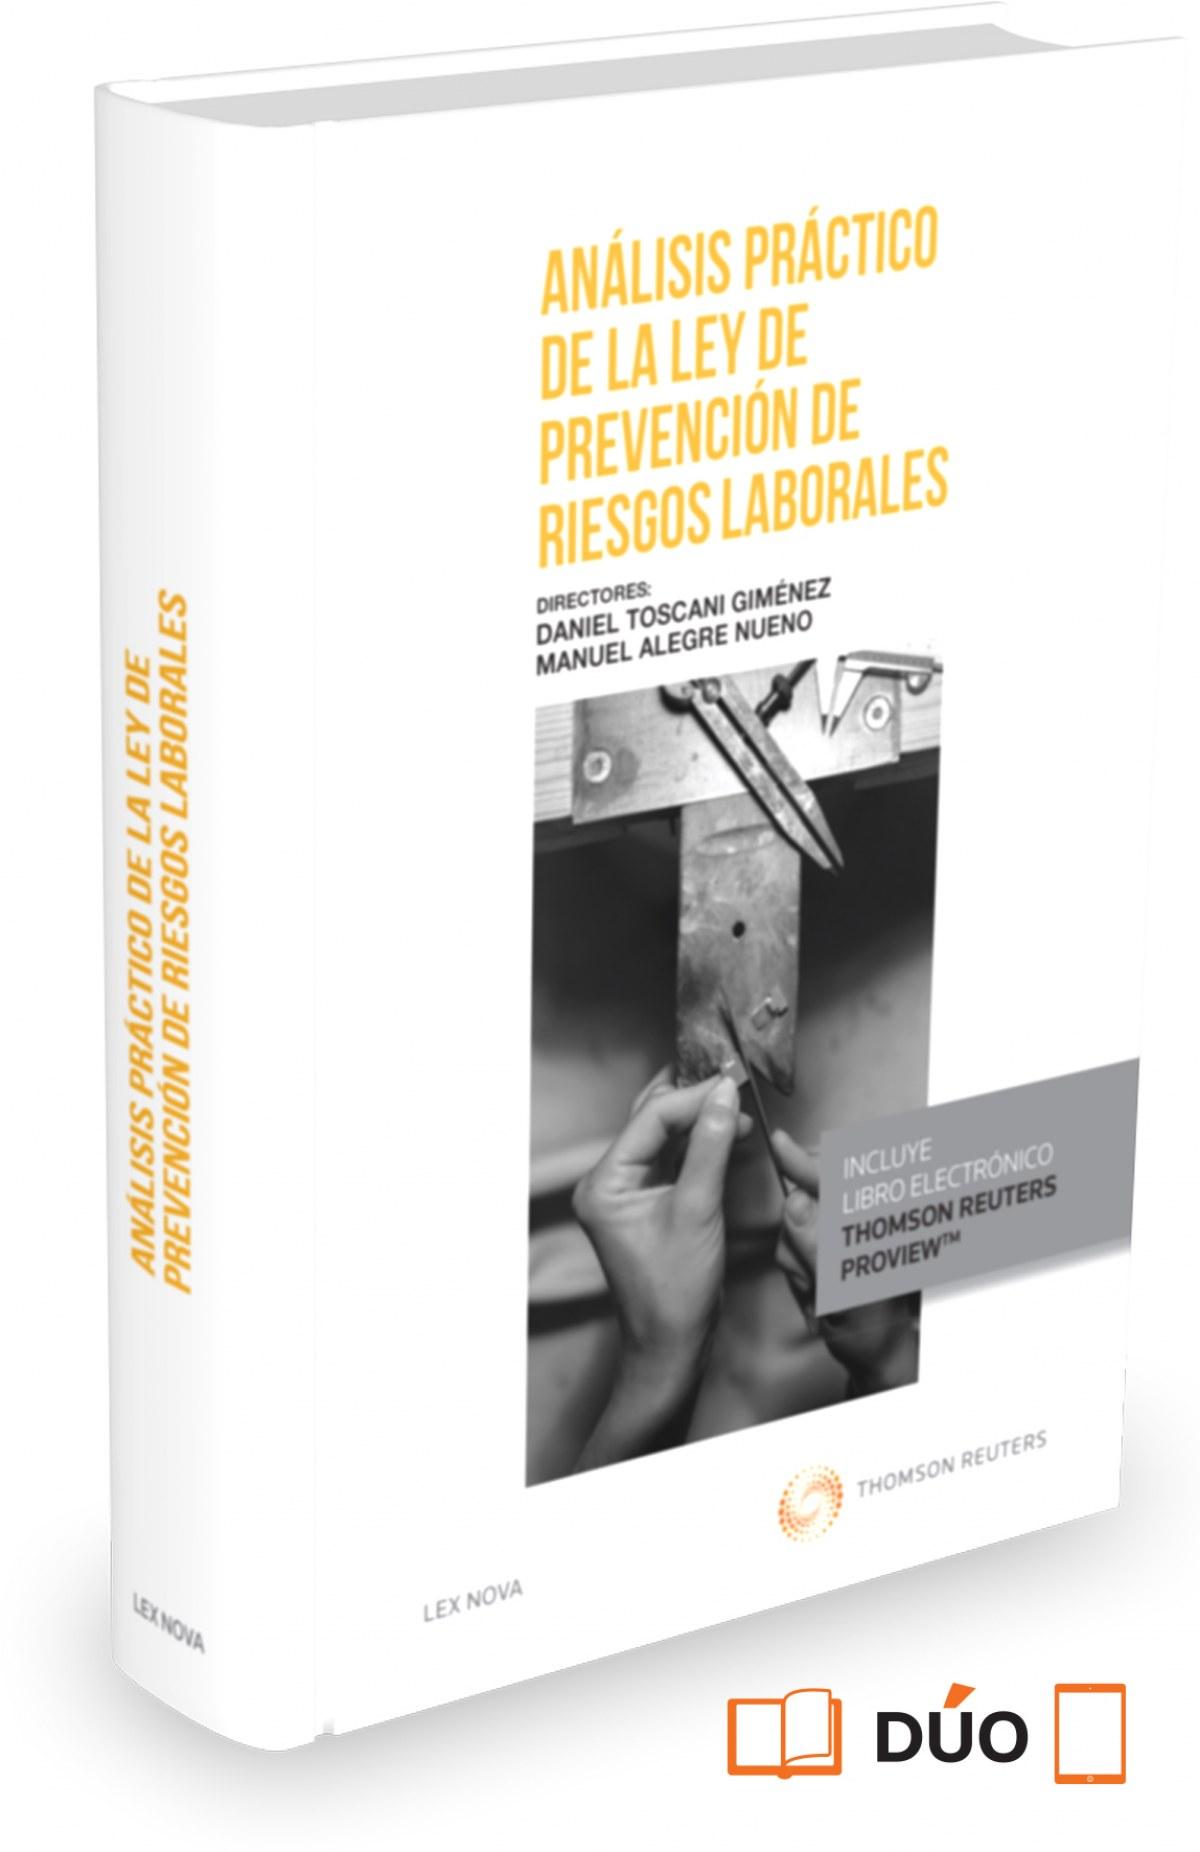 ANALISIS PRACTICO DE LA LEY DE PREVENCION DE RIESGOS LABORALES (PAPEL + E-BOOK)